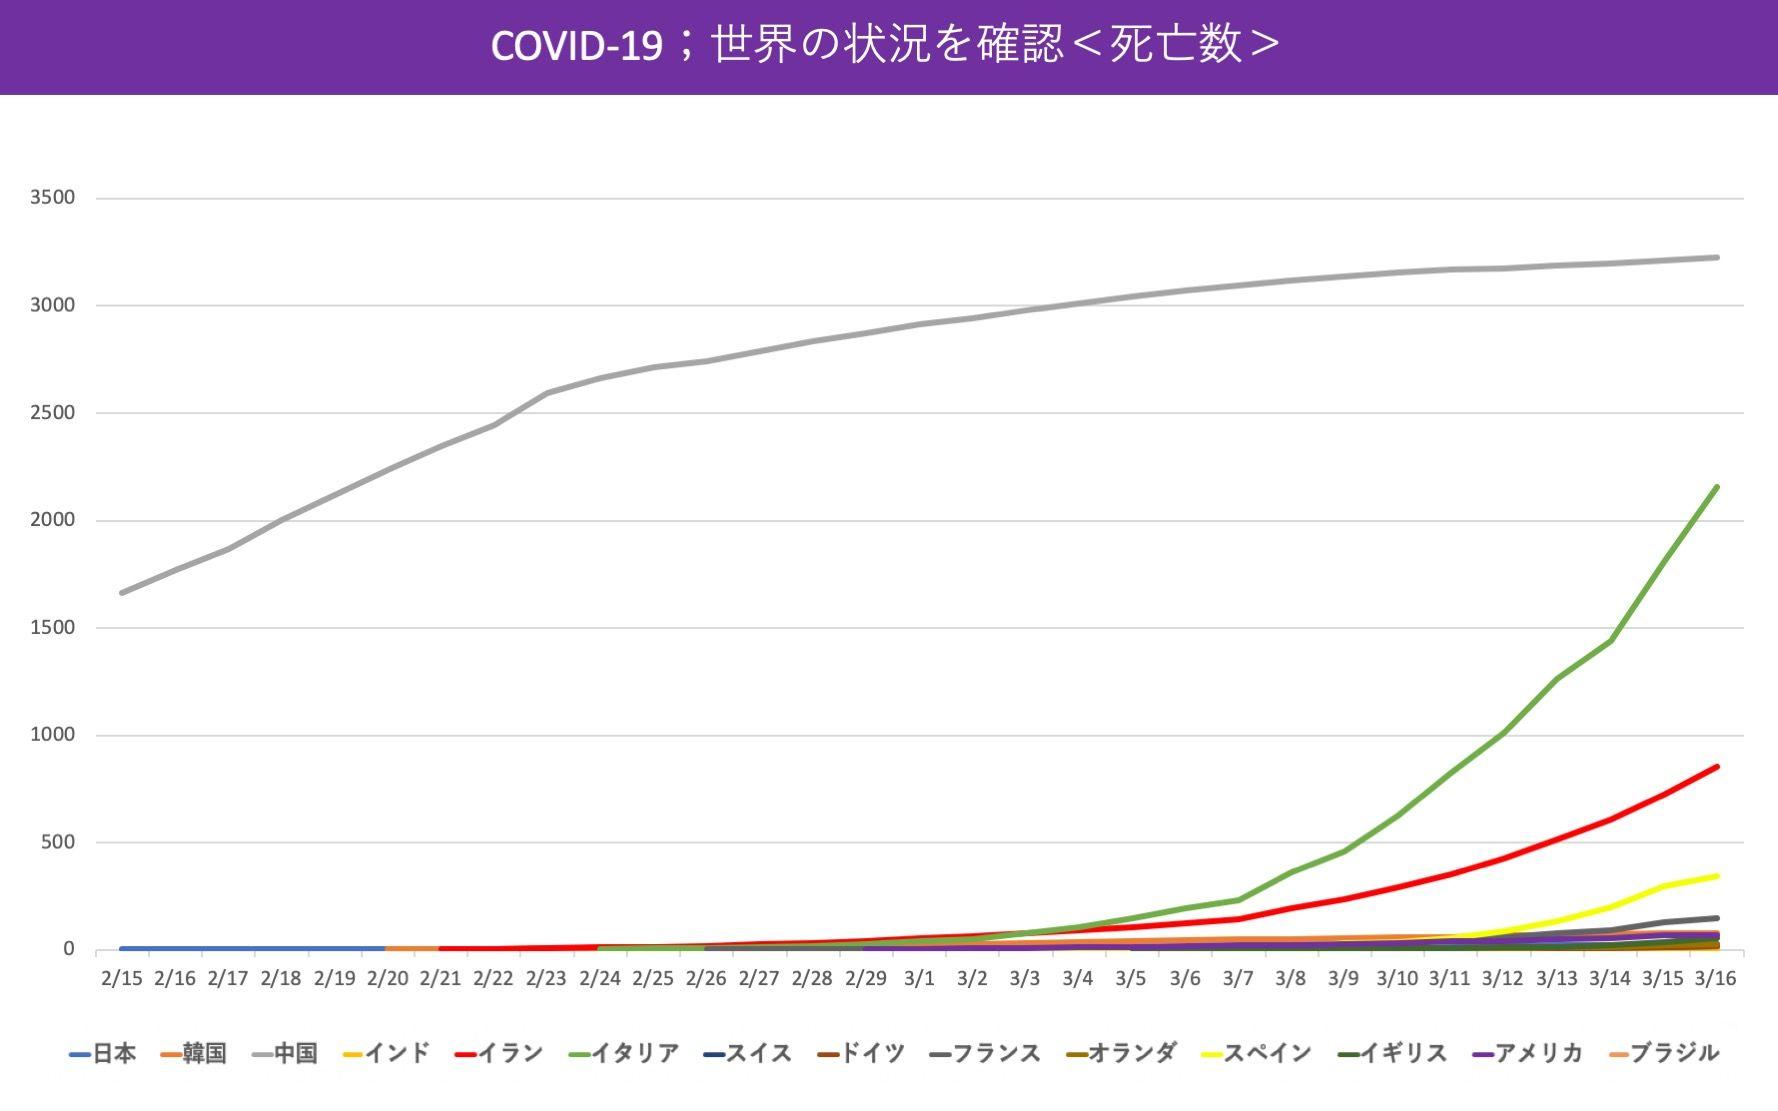 国別のCOVID-19による死亡数のグラフ